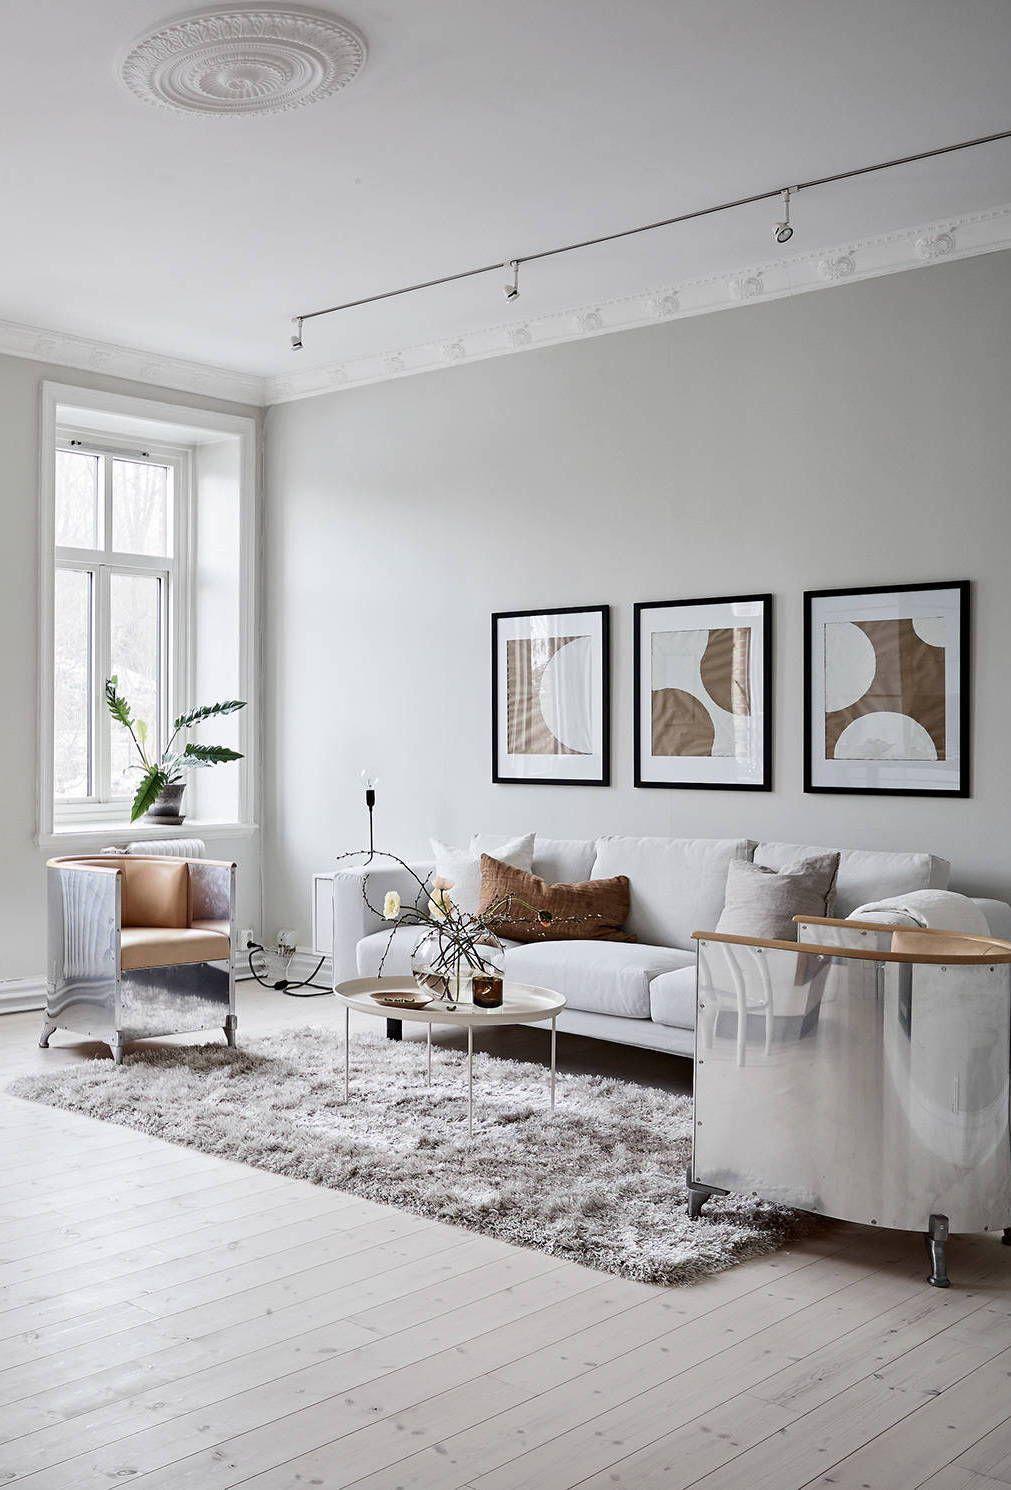 a warm greige home via coco lapine design blog - Moderne Wohnzimmerlampen